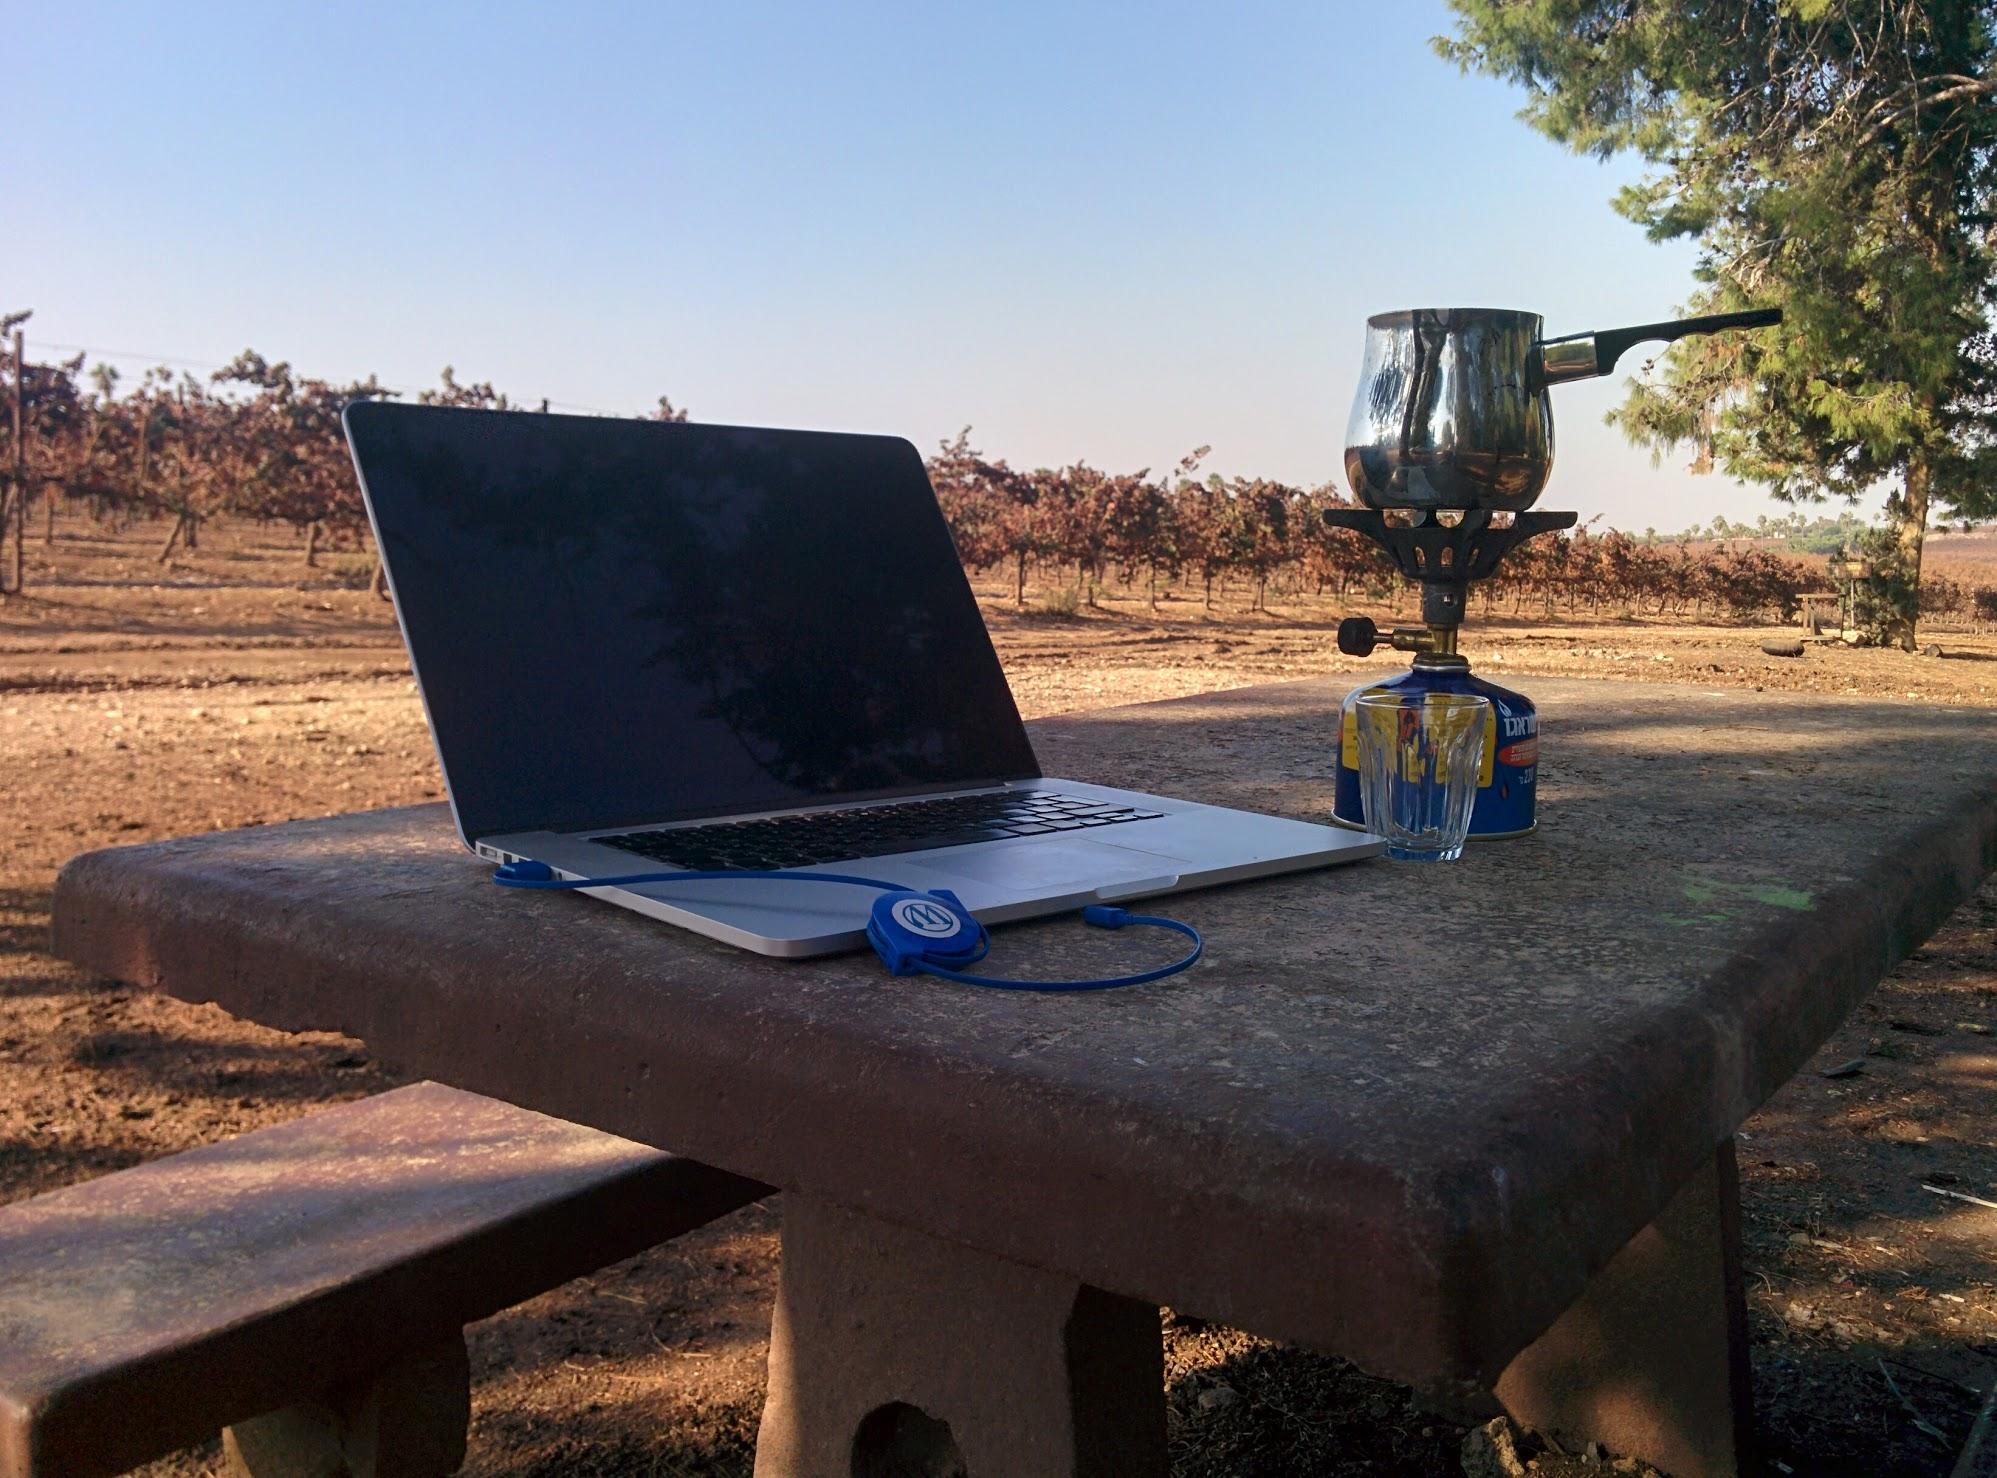 Near Kibbutz Hulda, Israel